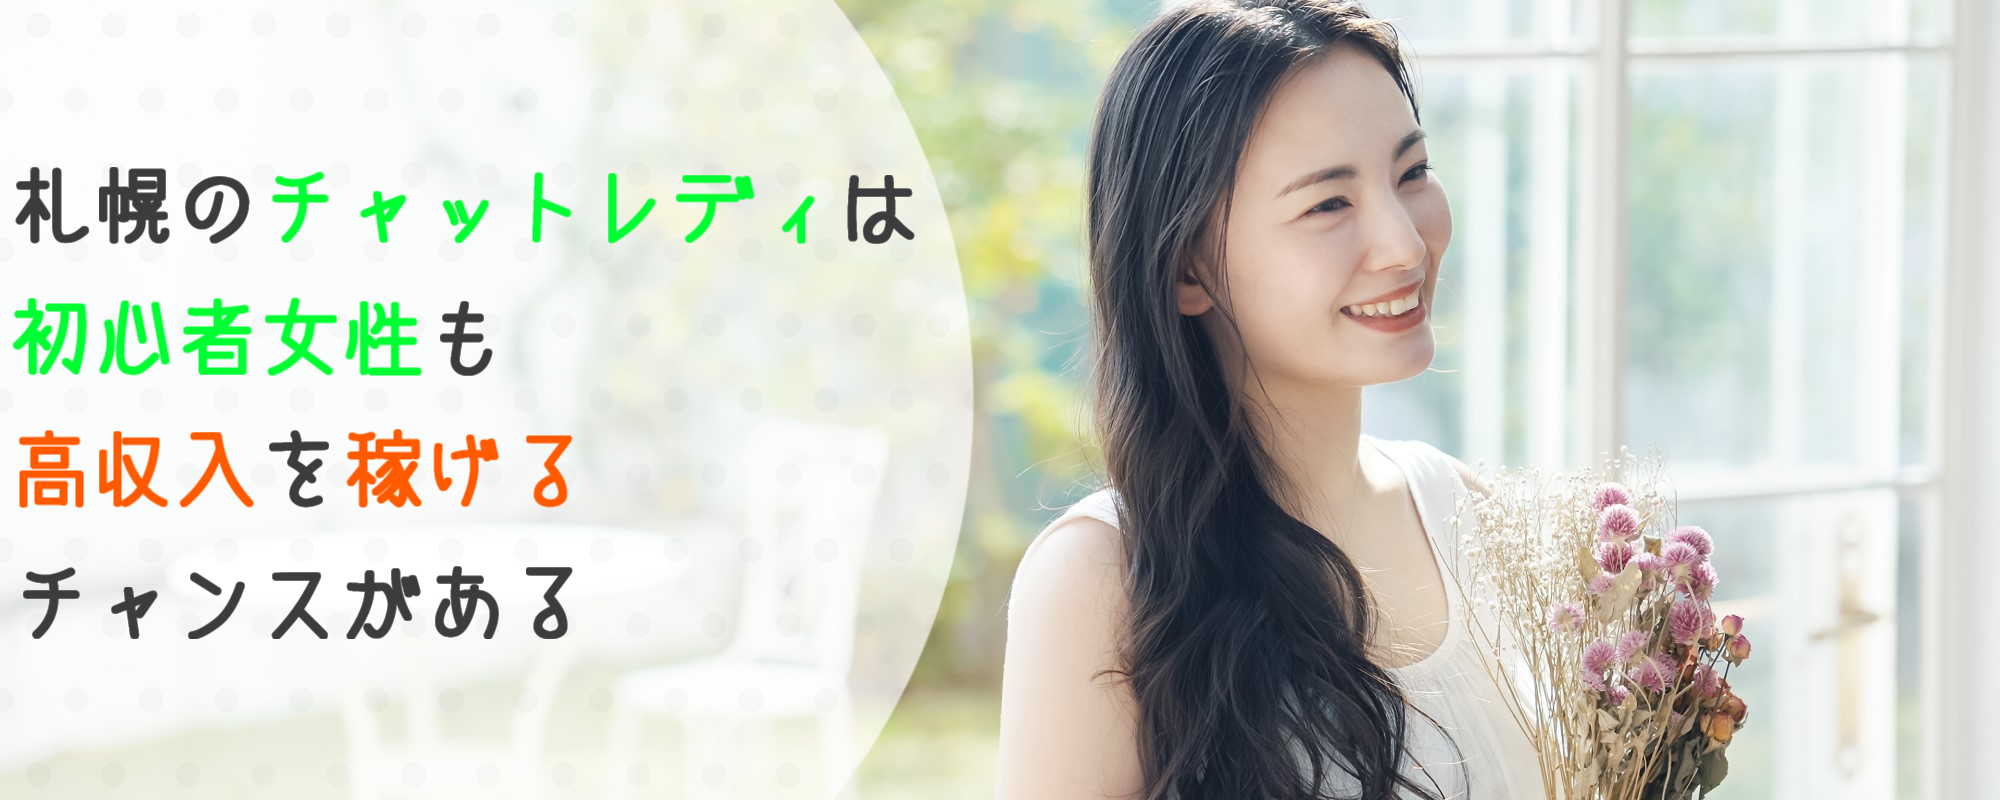 札幌のチャットレディは初心者女性も高収入を稼げるチャンスがある